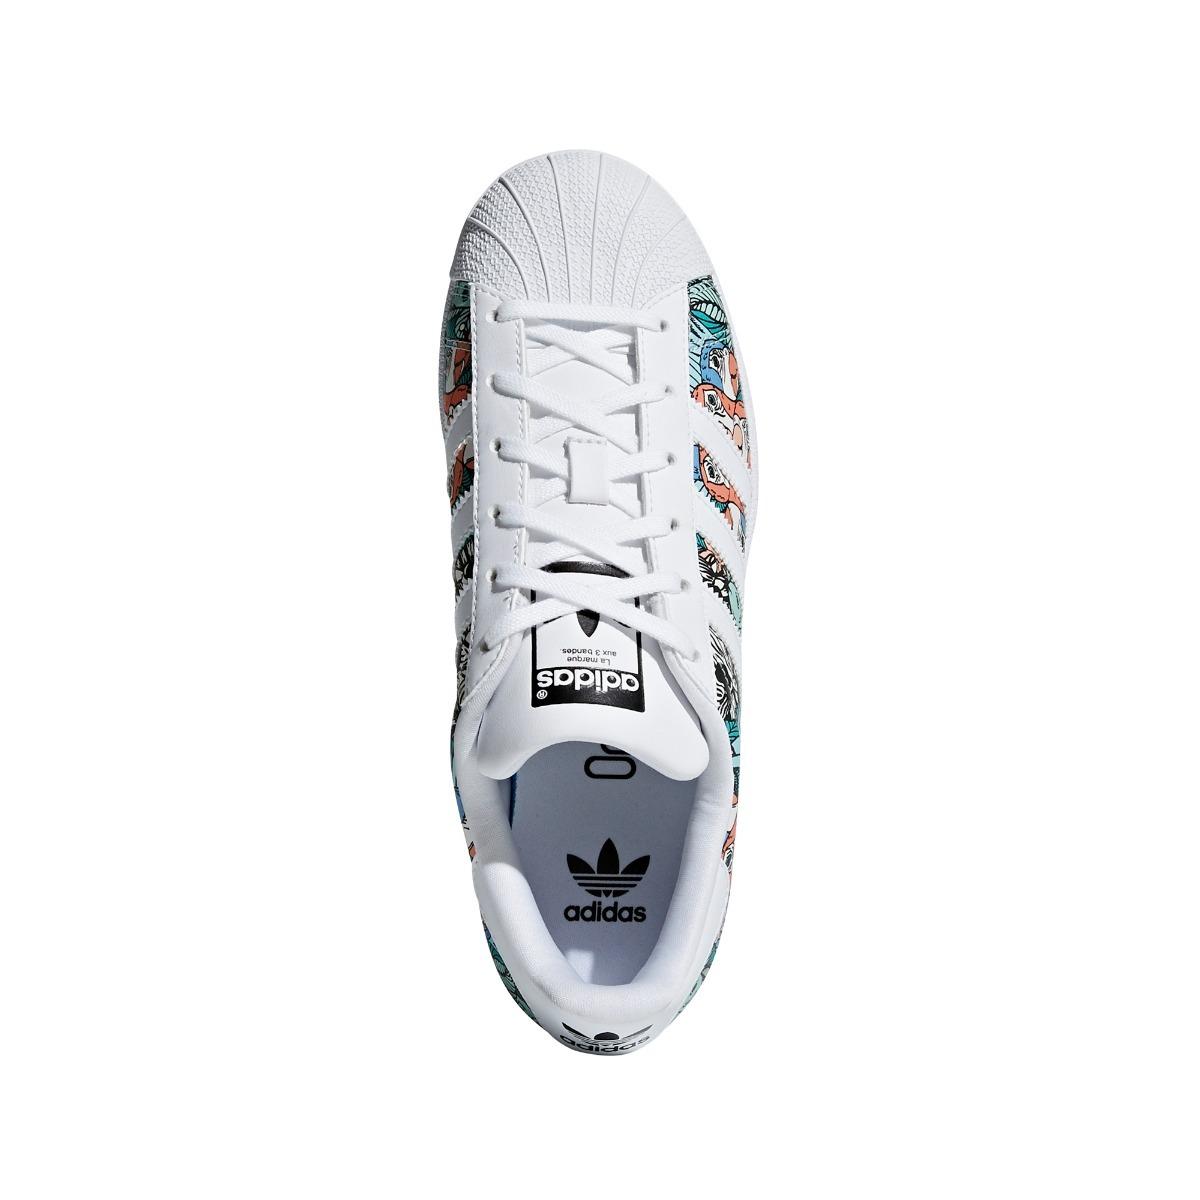 07bc6374edb761 zapatillas adidas superstar j unisex de niños- originals. Cargando zoom.